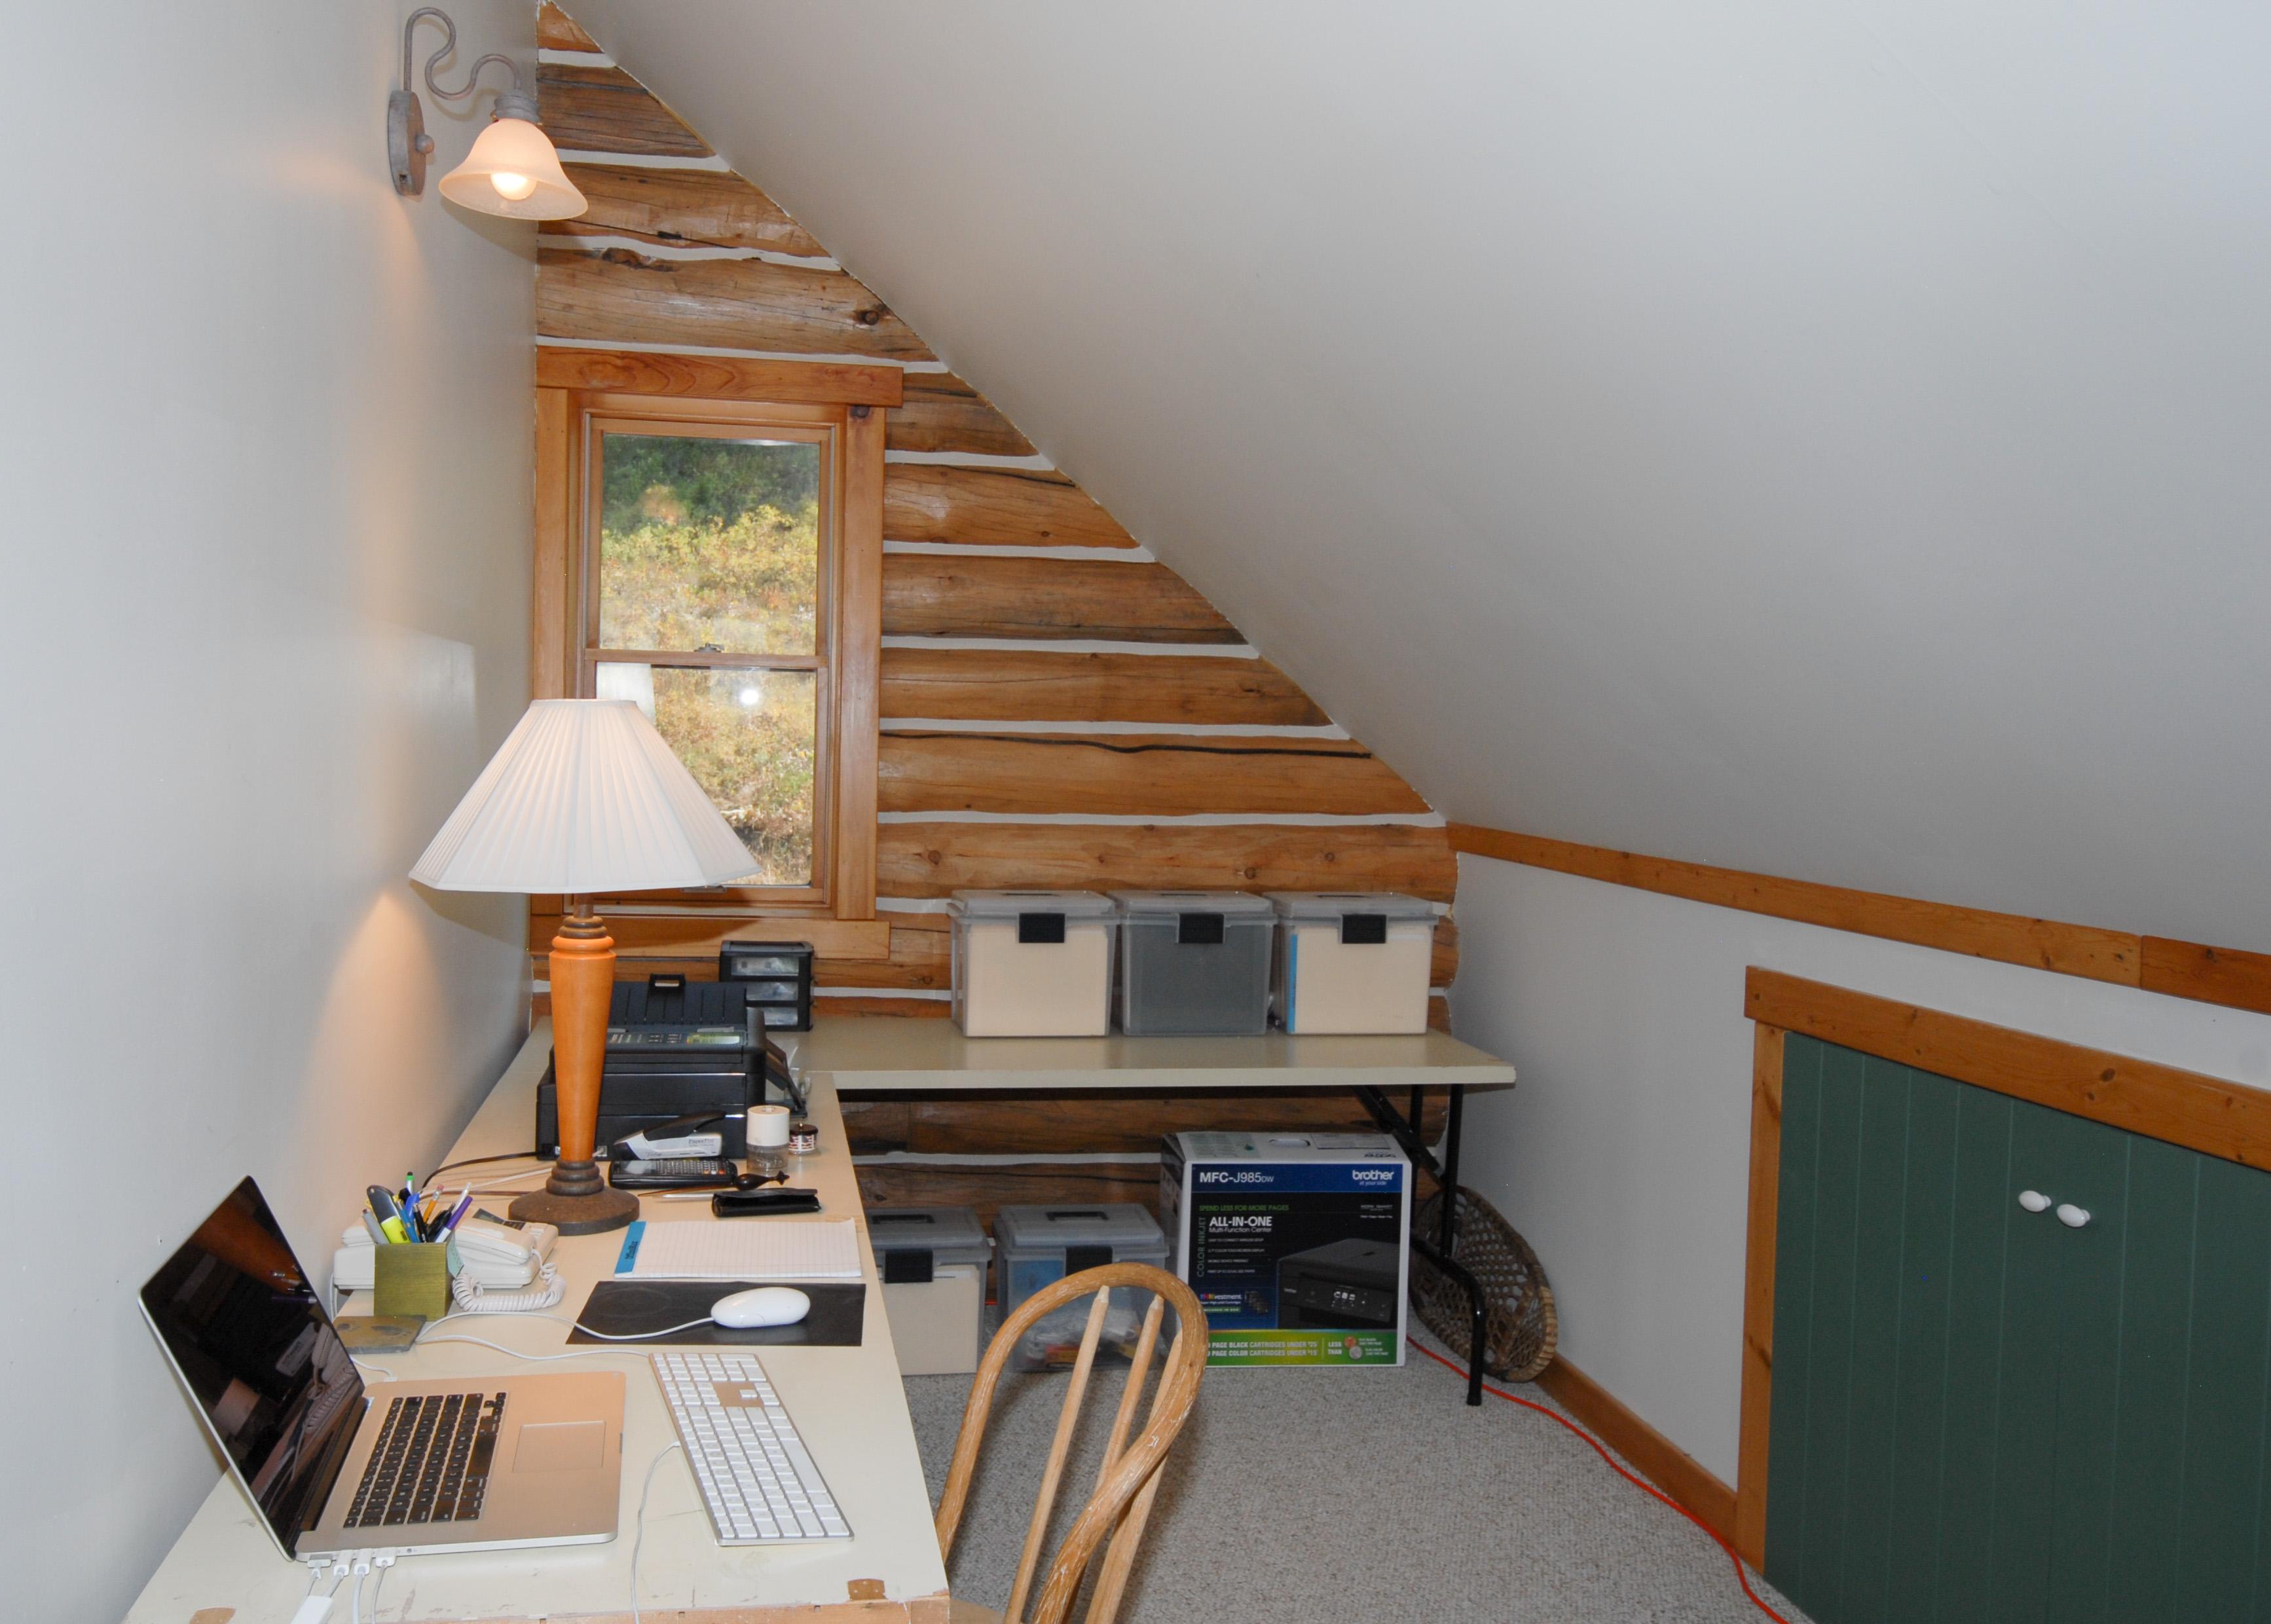 Loft - office nook